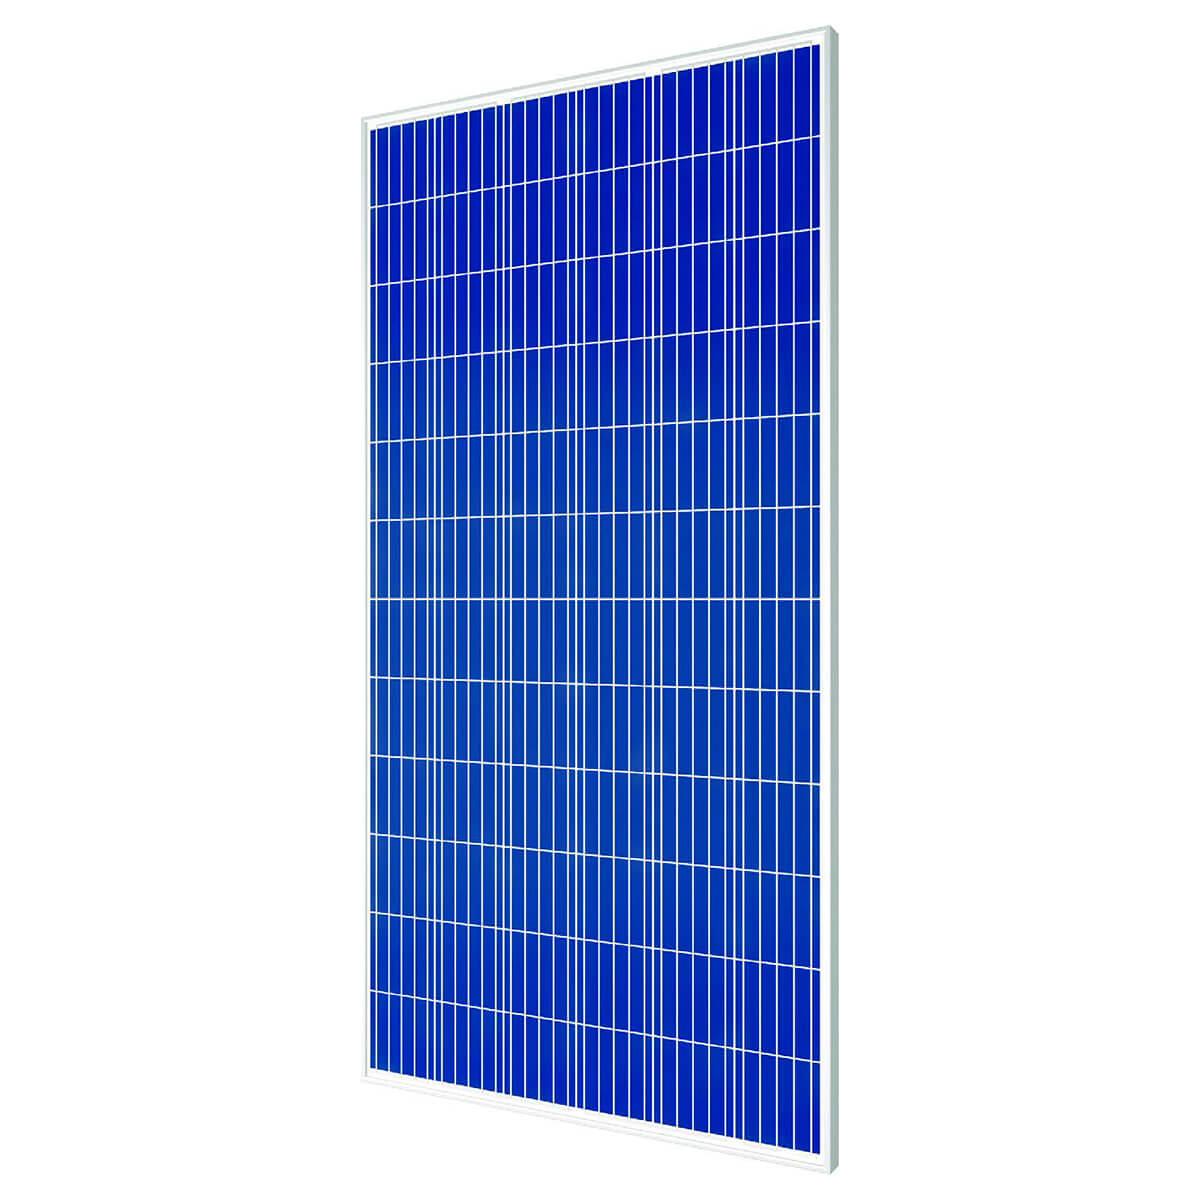 cw enerji 320W panel, cw enerji 320Watt panel, cw enerji 320 W panel, cw enerji 320 Watt panel, cw enerji 320 Watt polikristal panel, cw enerji 320 W watt gunes paneli, cw enerji 320 W watt polikristal gunes paneli, cw enerji 320 W Watt fotovoltaik polikristal solar panel, cw enerji 320W polikristal gunes enerjisi, cw enerji CWT320-72P-320 panel, CW Enerji 320WATT